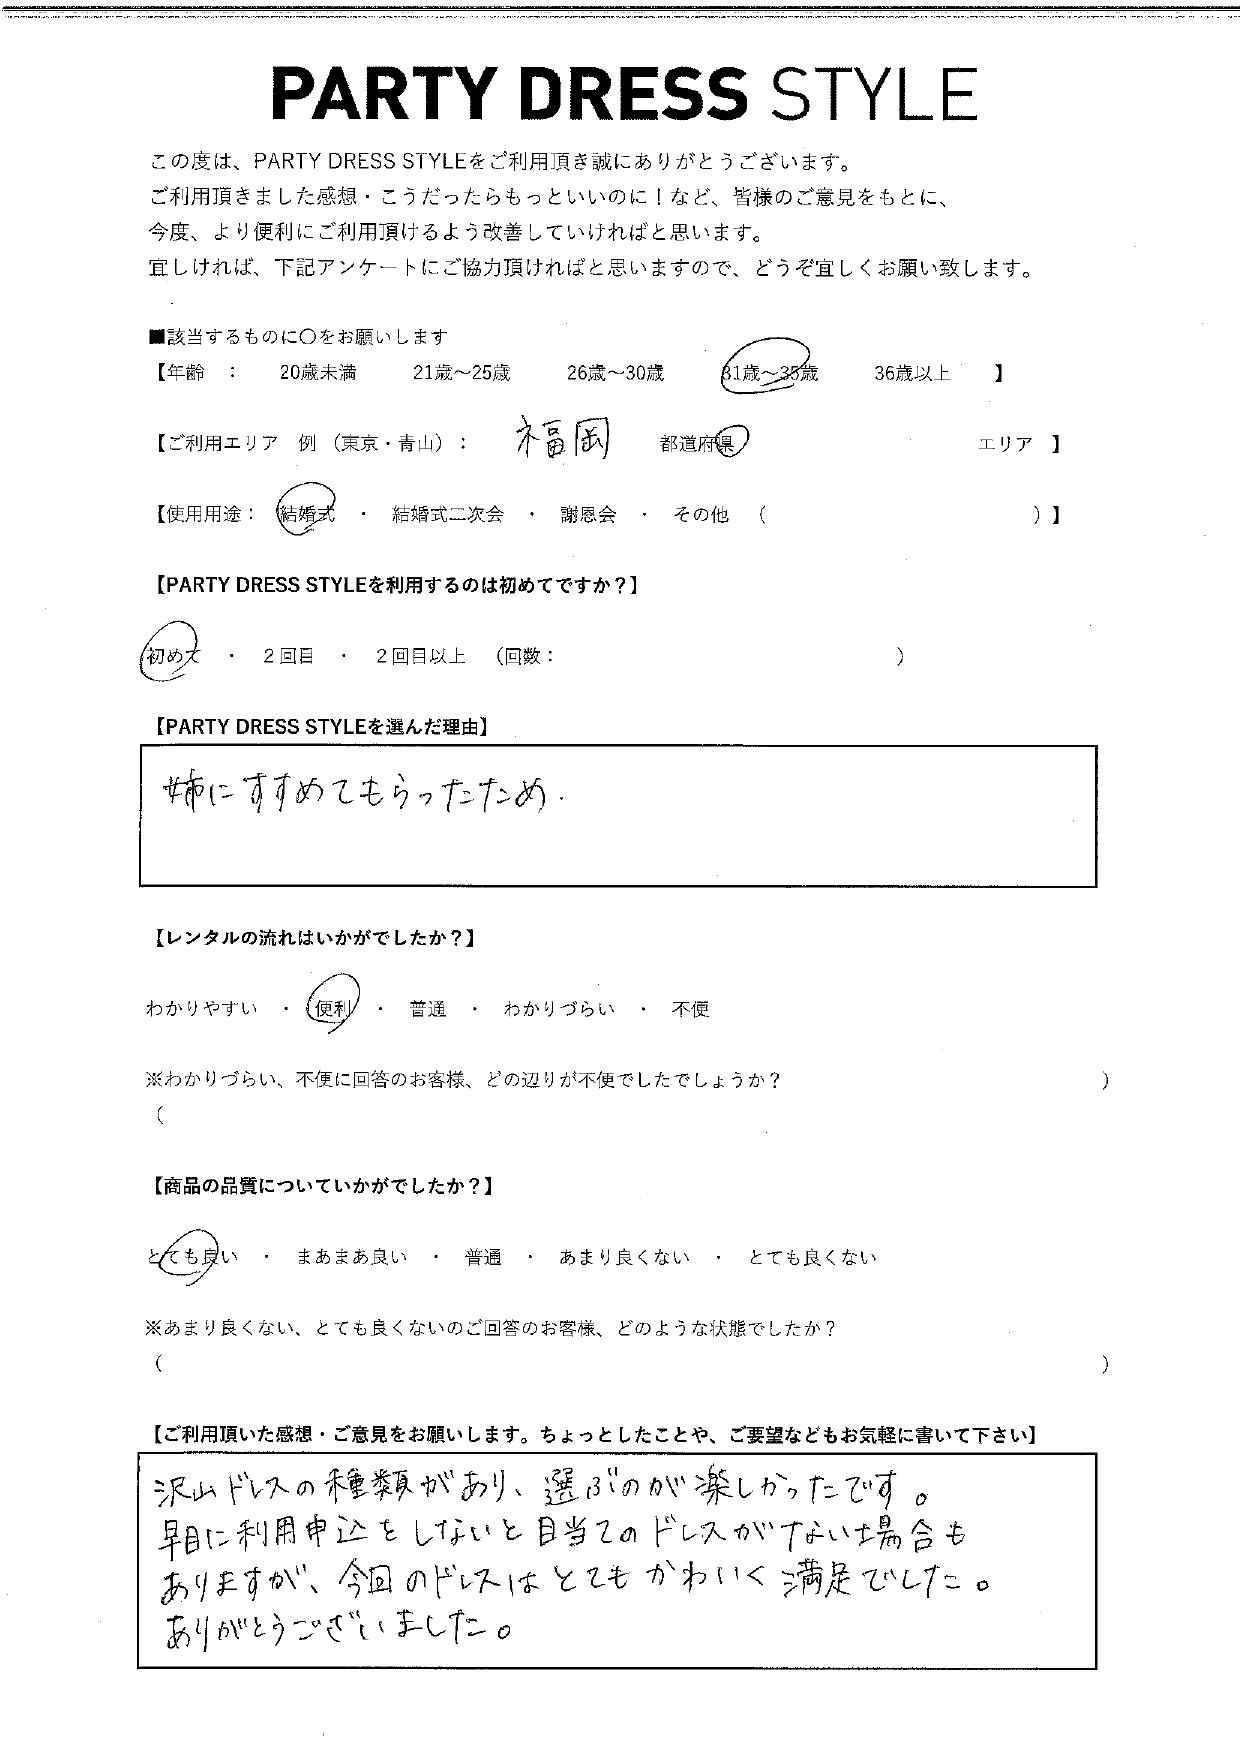 9/19結婚式ご利用 福岡エリア